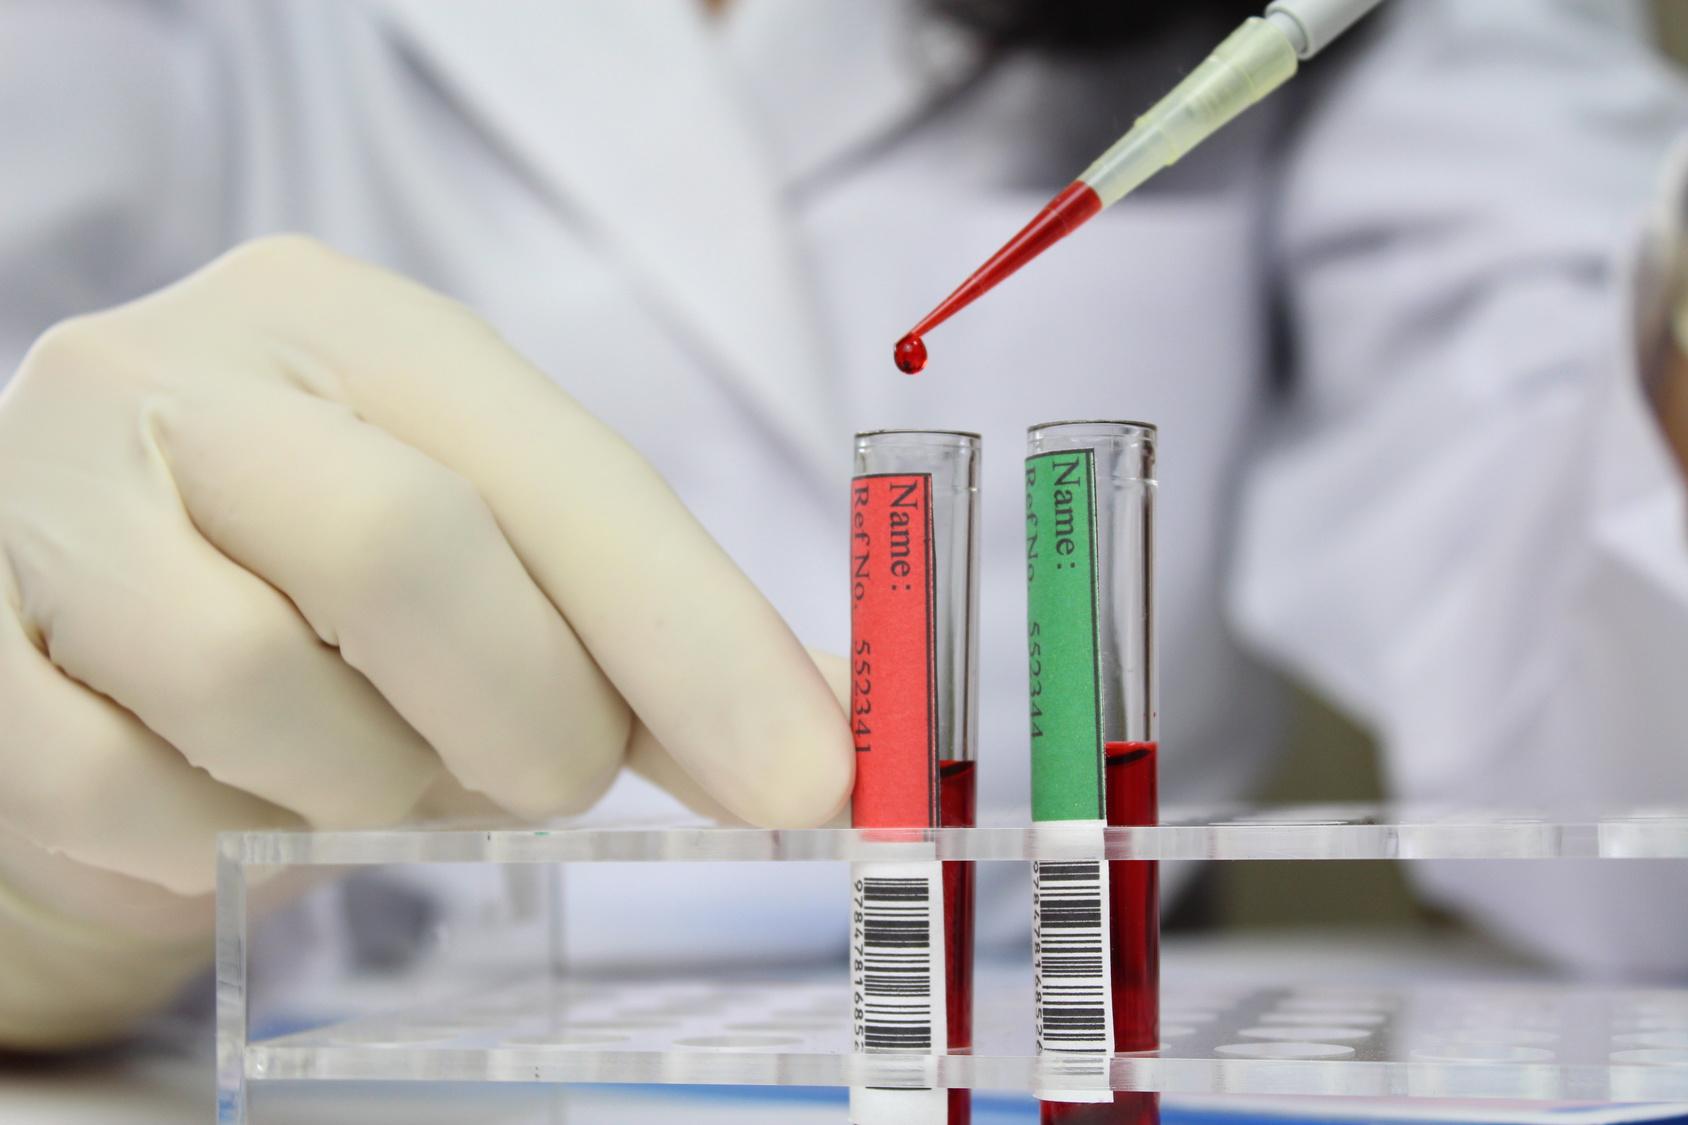 【米国論文】慢性リンパ性白血病の治療については、専門医の治療の方が生存年数が長くなる!